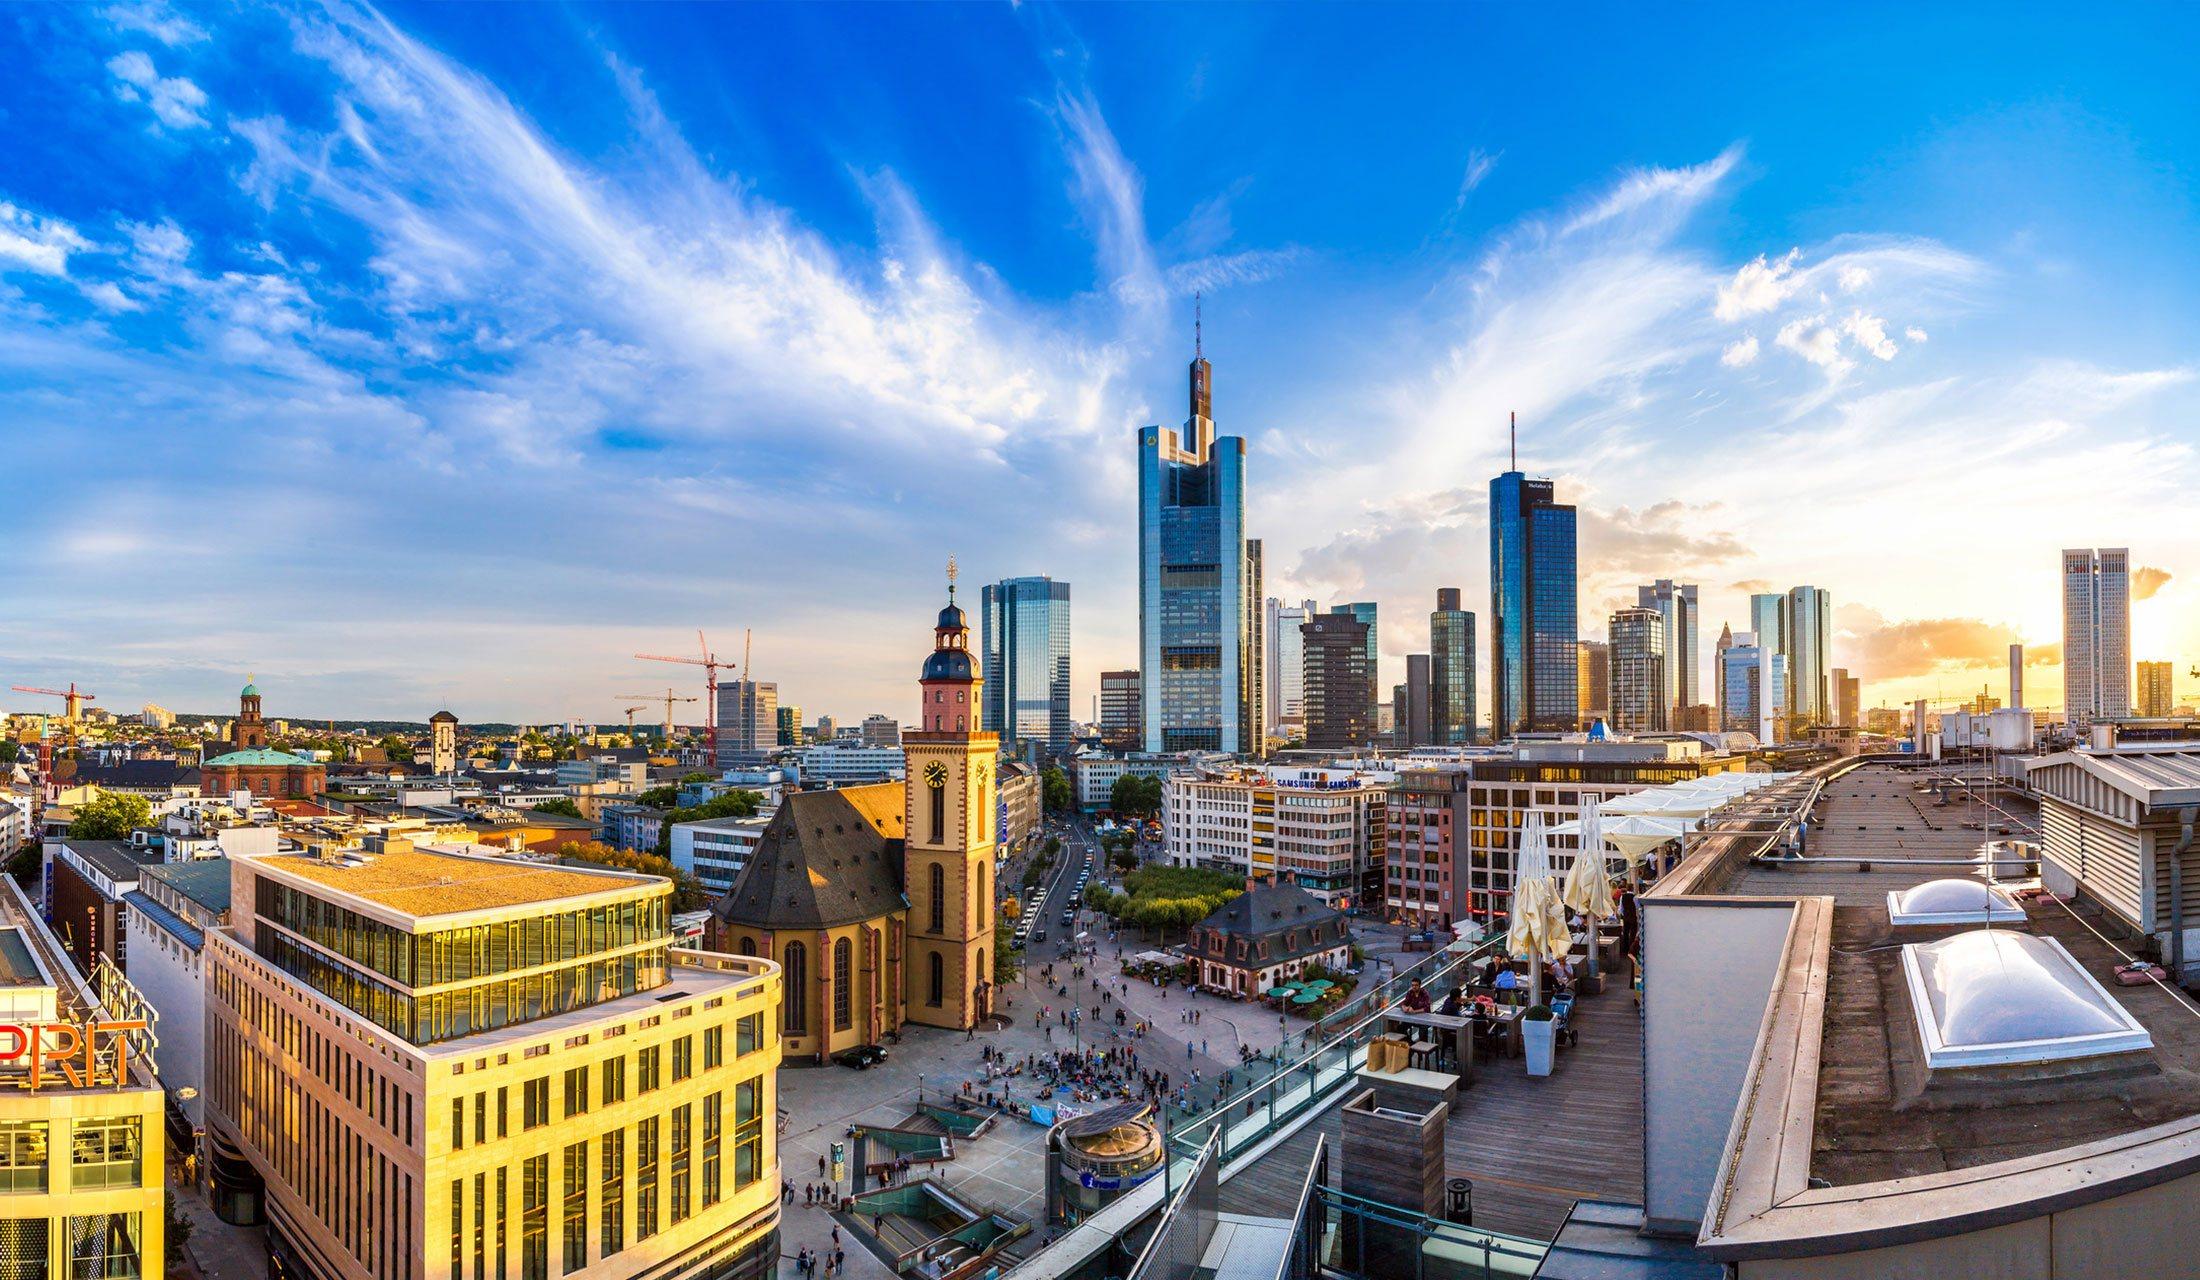 Lang immobilien immobilienmakler frankfurt offenbach for Immobilien offenbach